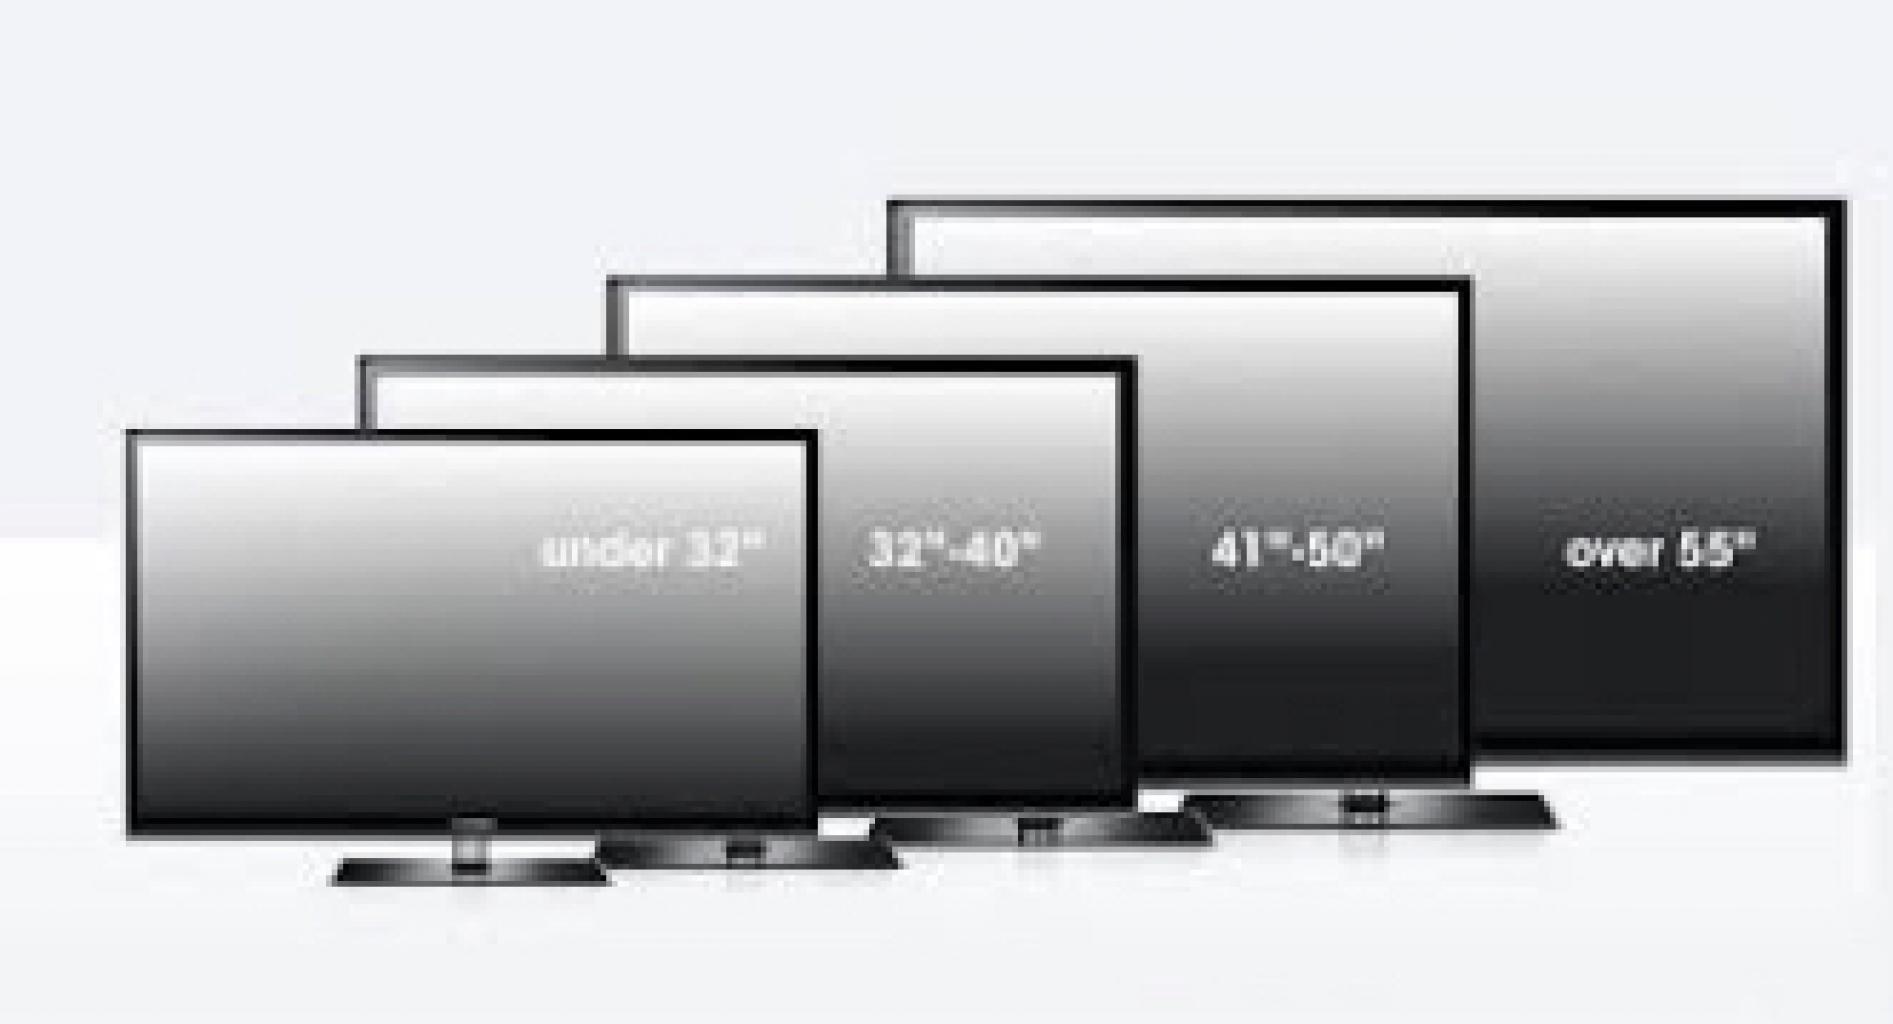 Wie Groß Fernseher Entfernung